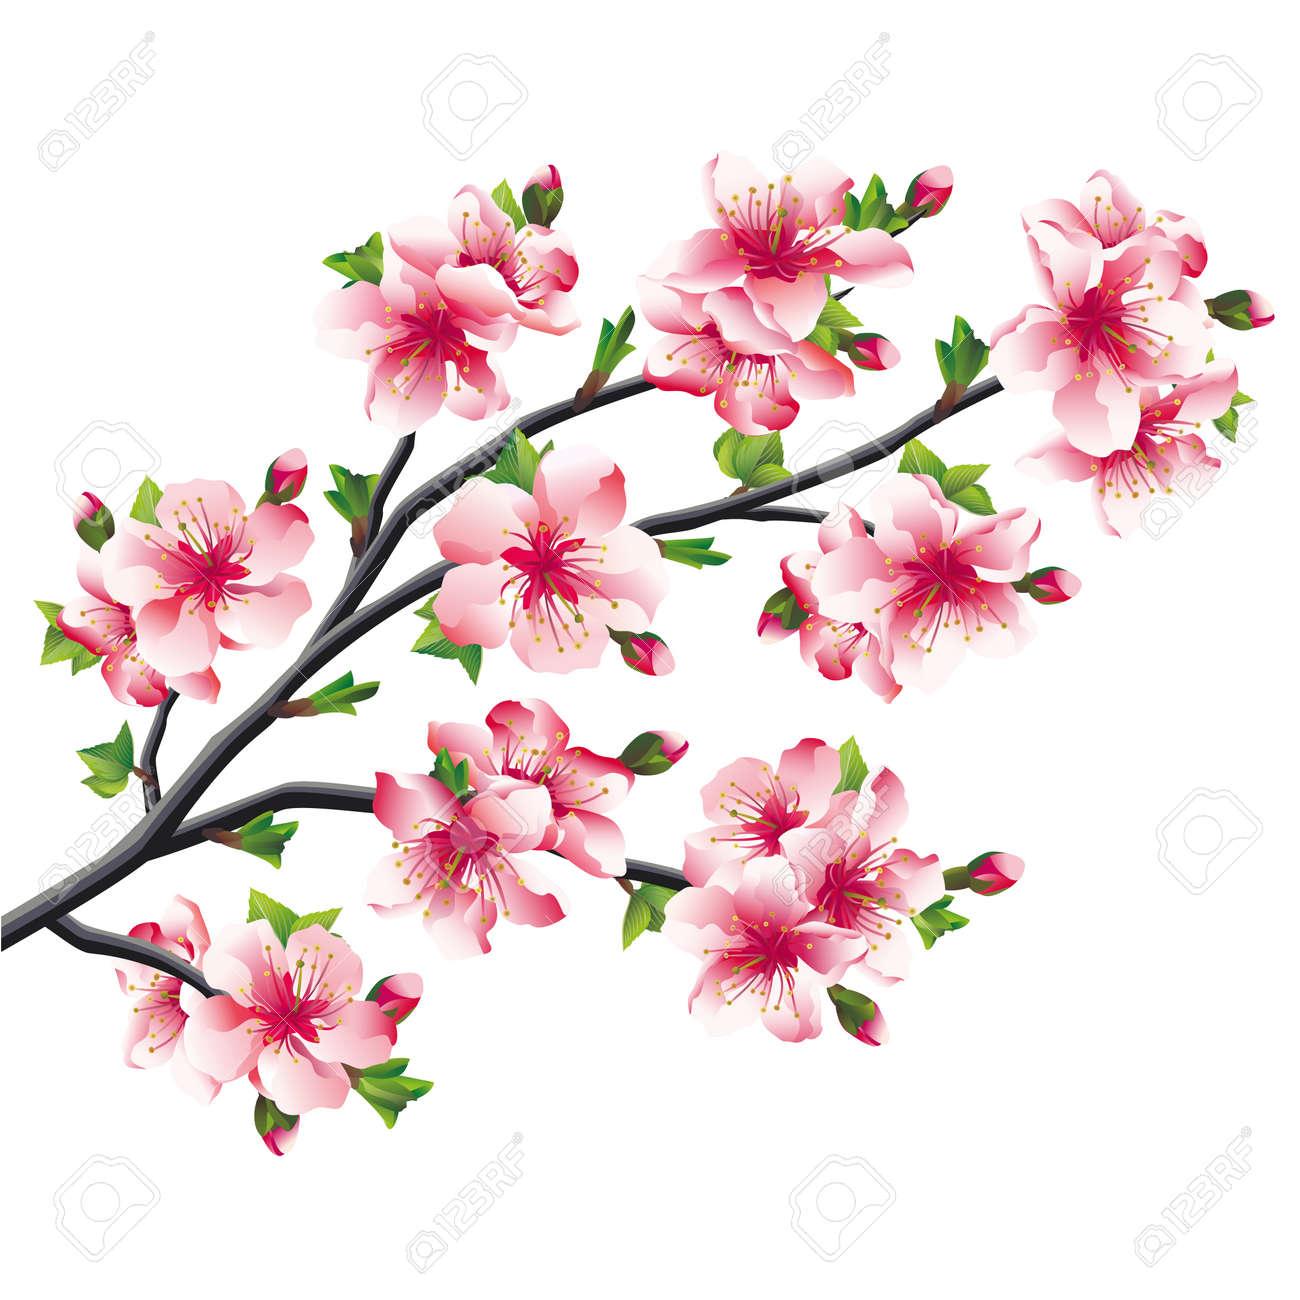 Rose Des Fleurs De Cerisier Branche Sakura Japonais D Arbre Isole Sur Fond Blanc Vector Illustration Clip Art Libres De Droits Vecteurs Et Illustration Image 26030525